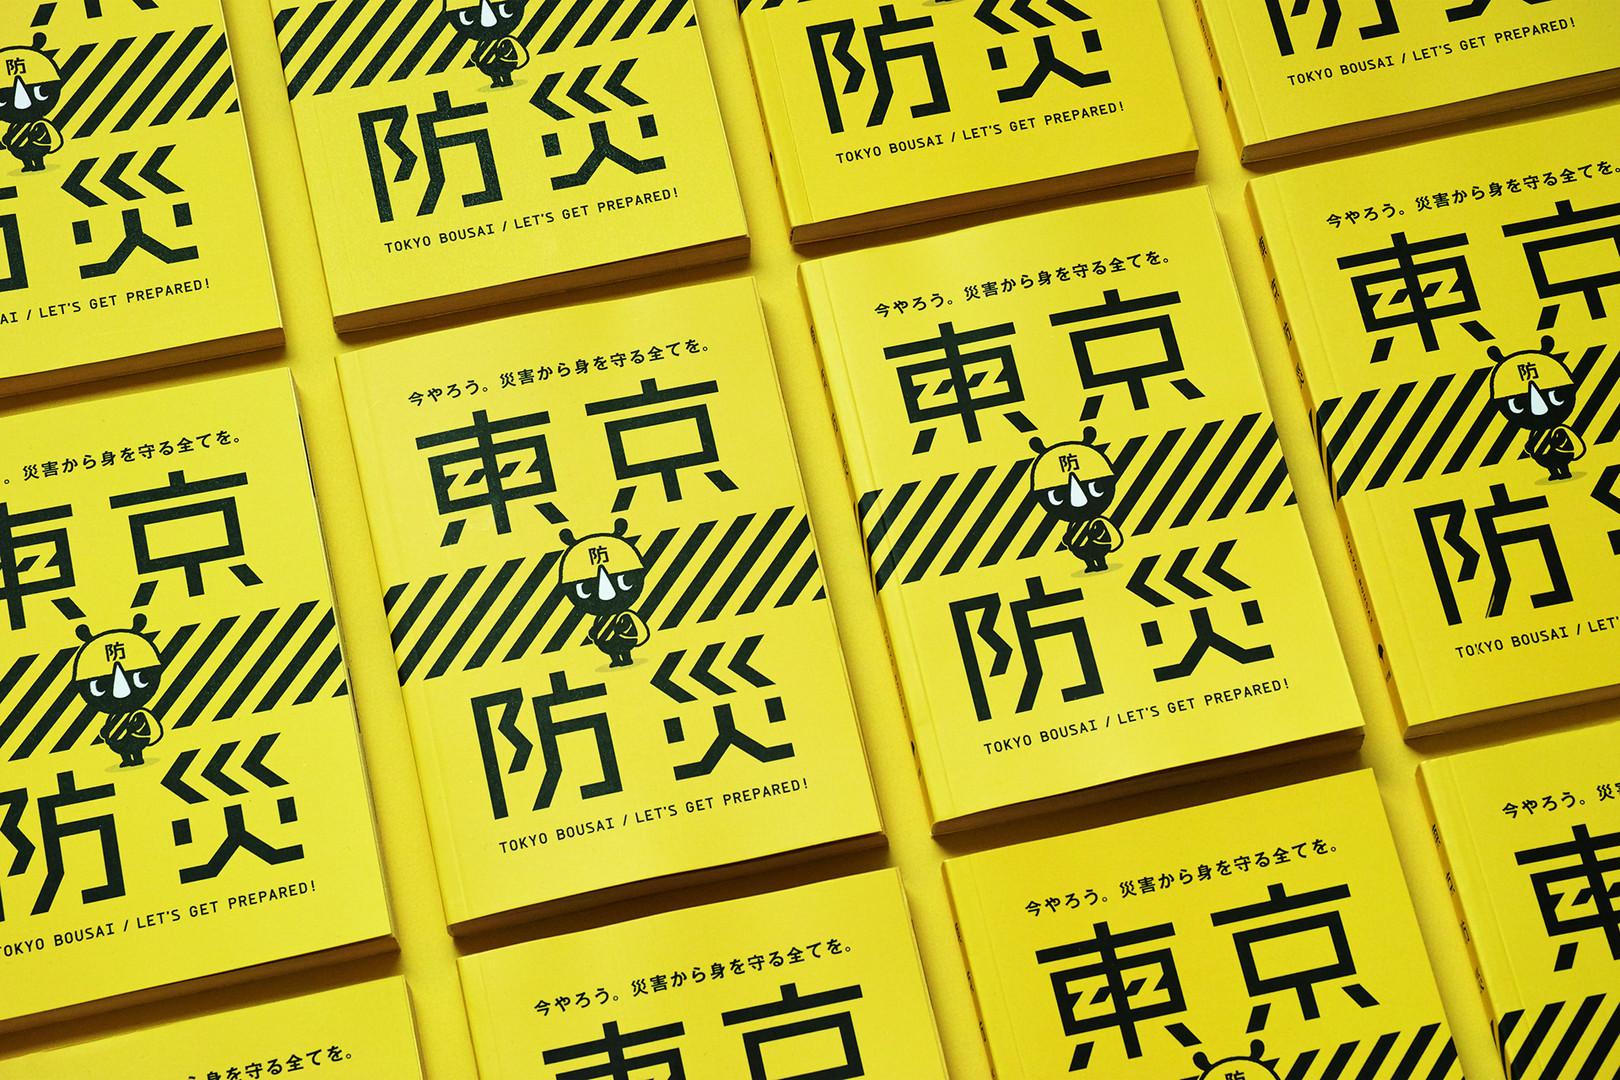 TOKYOBOUSAI2.jpg